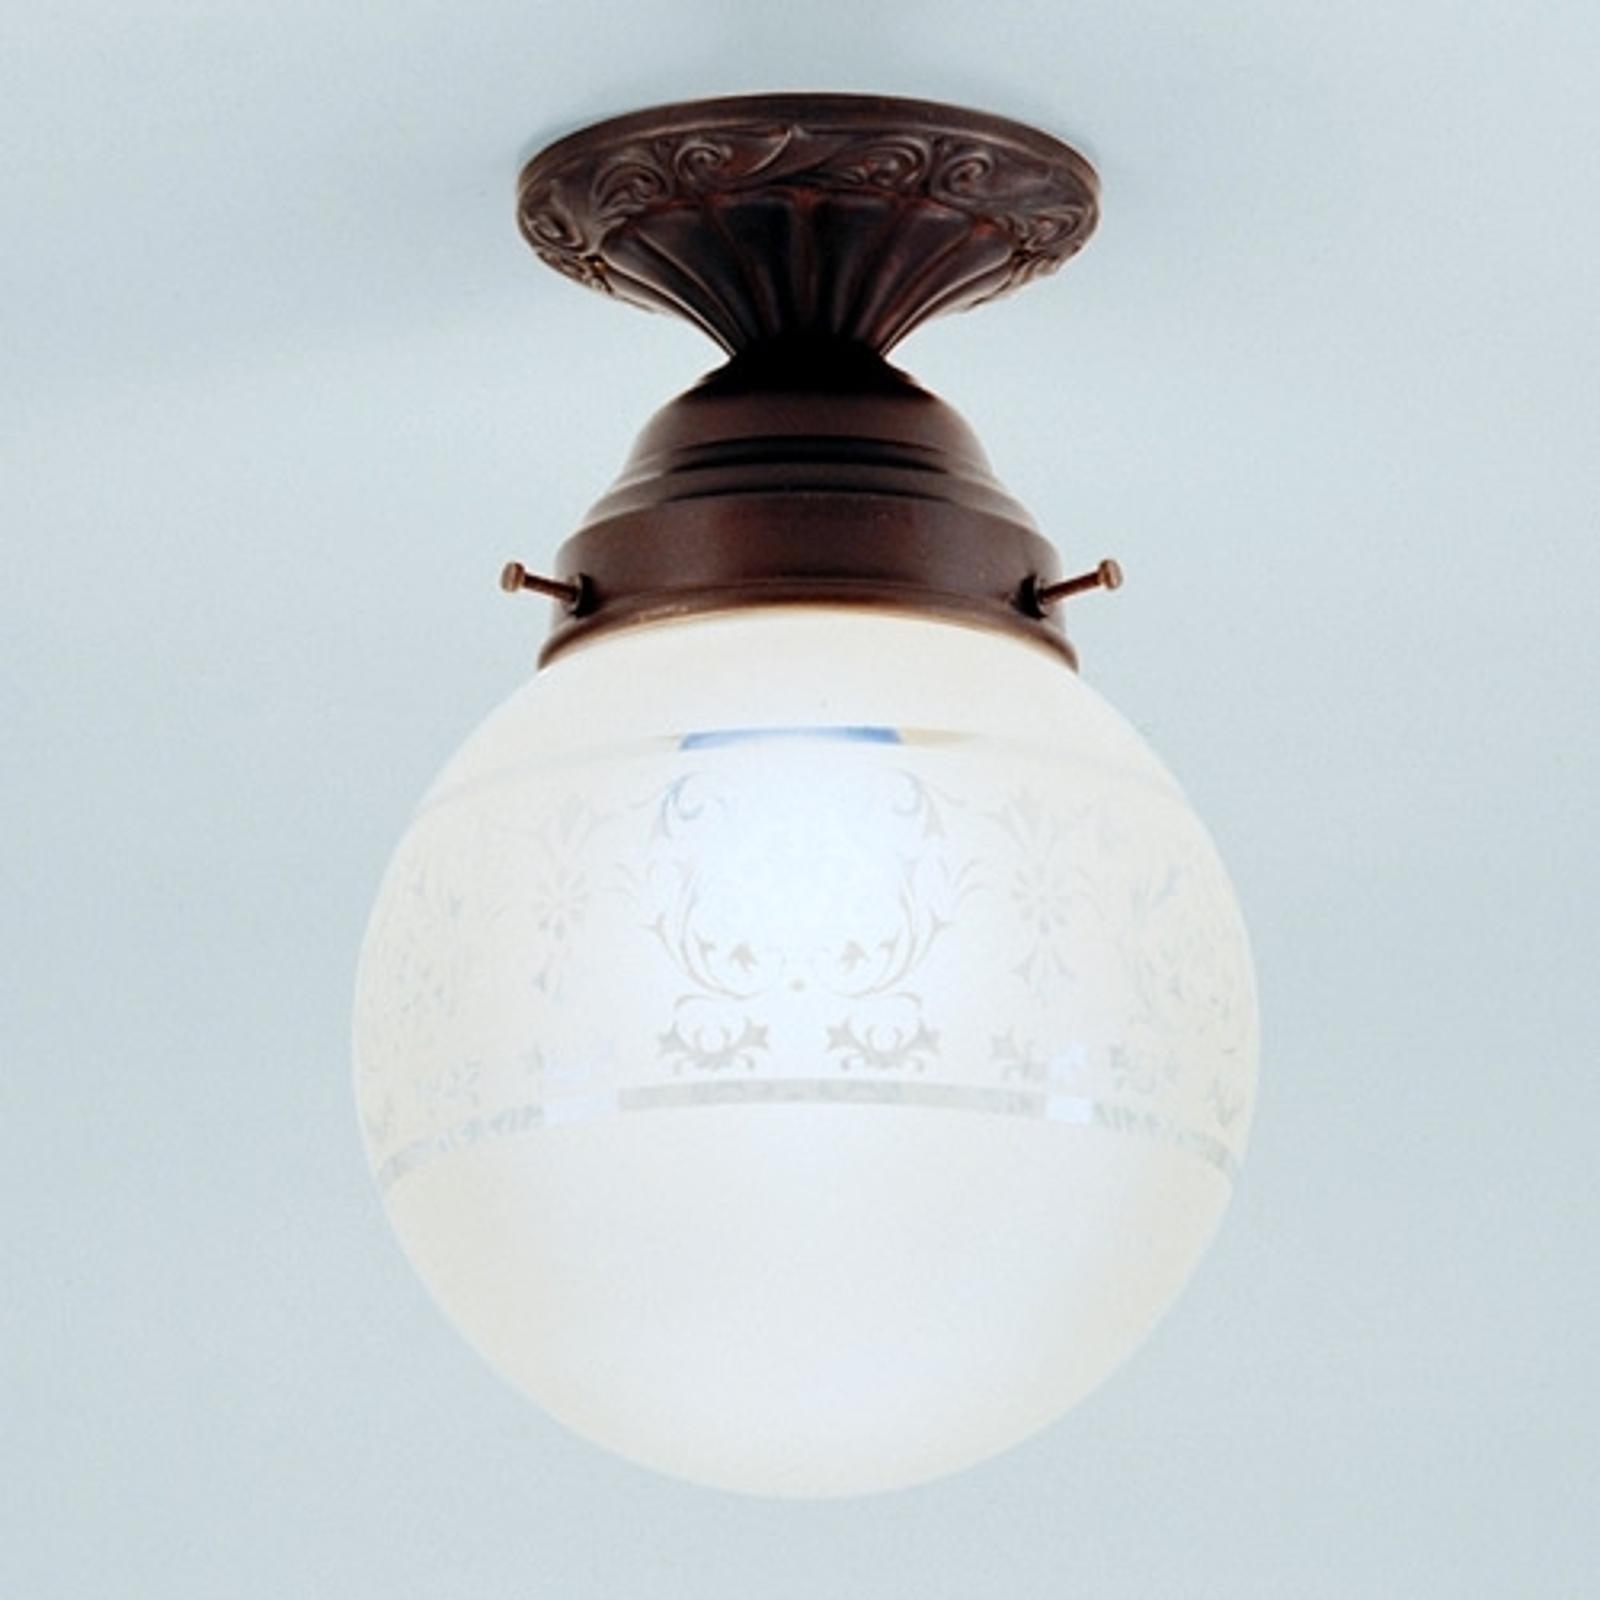 Jack - en loftslampe made in Germany